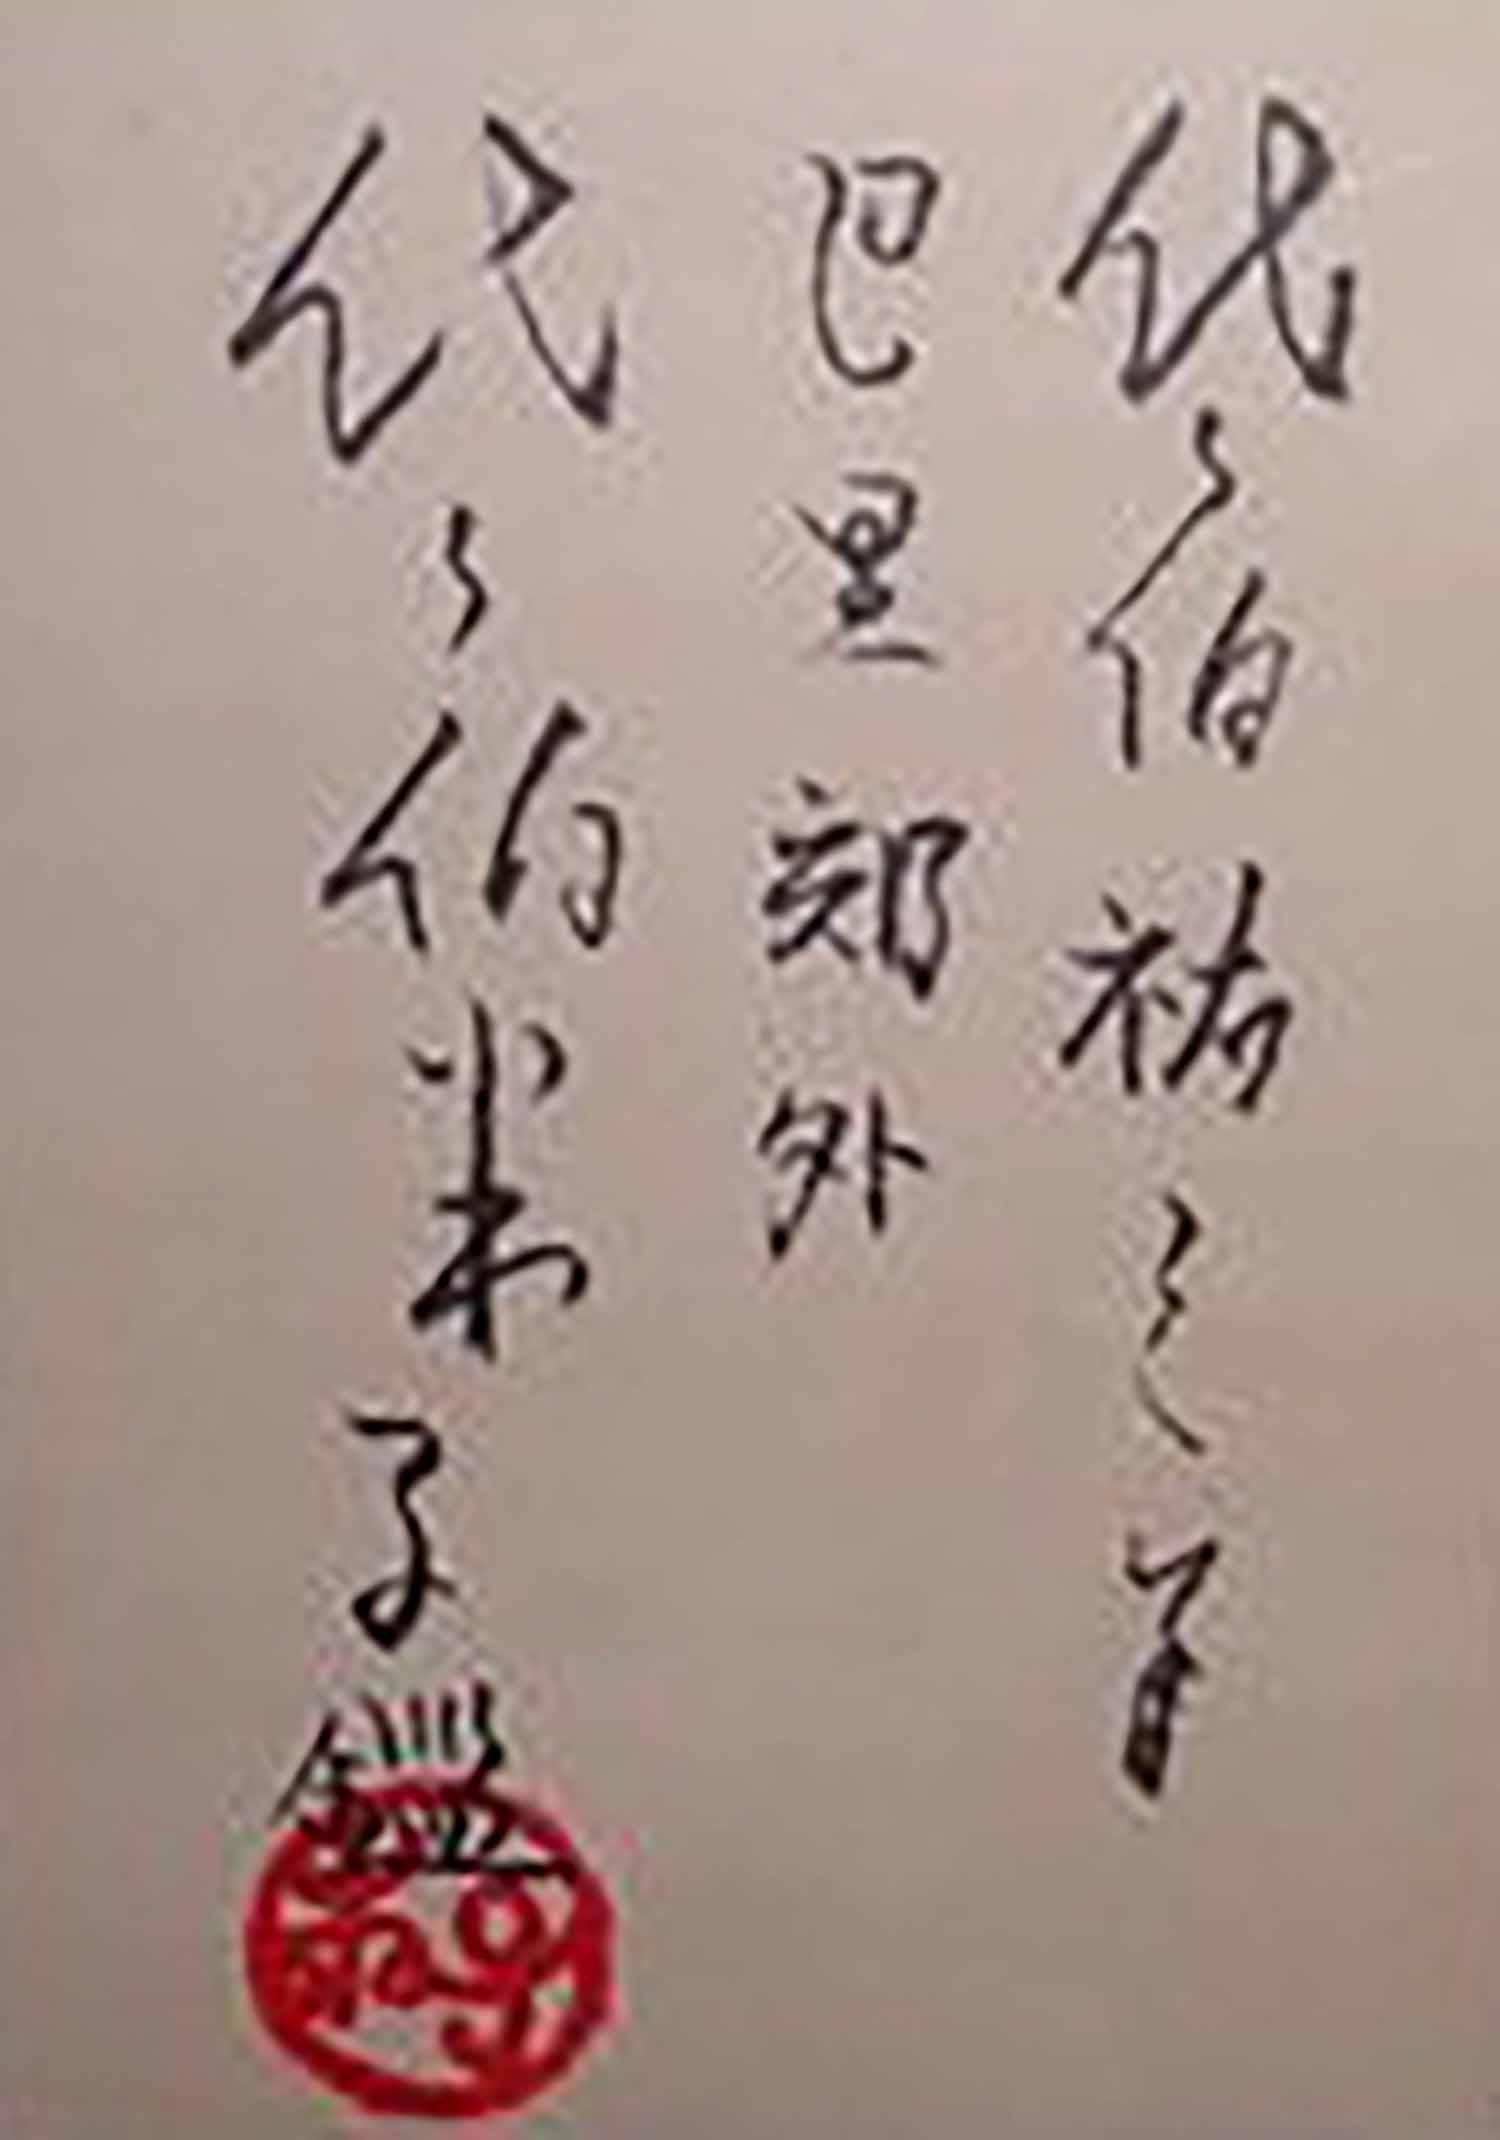 佐伯祐三 サイン